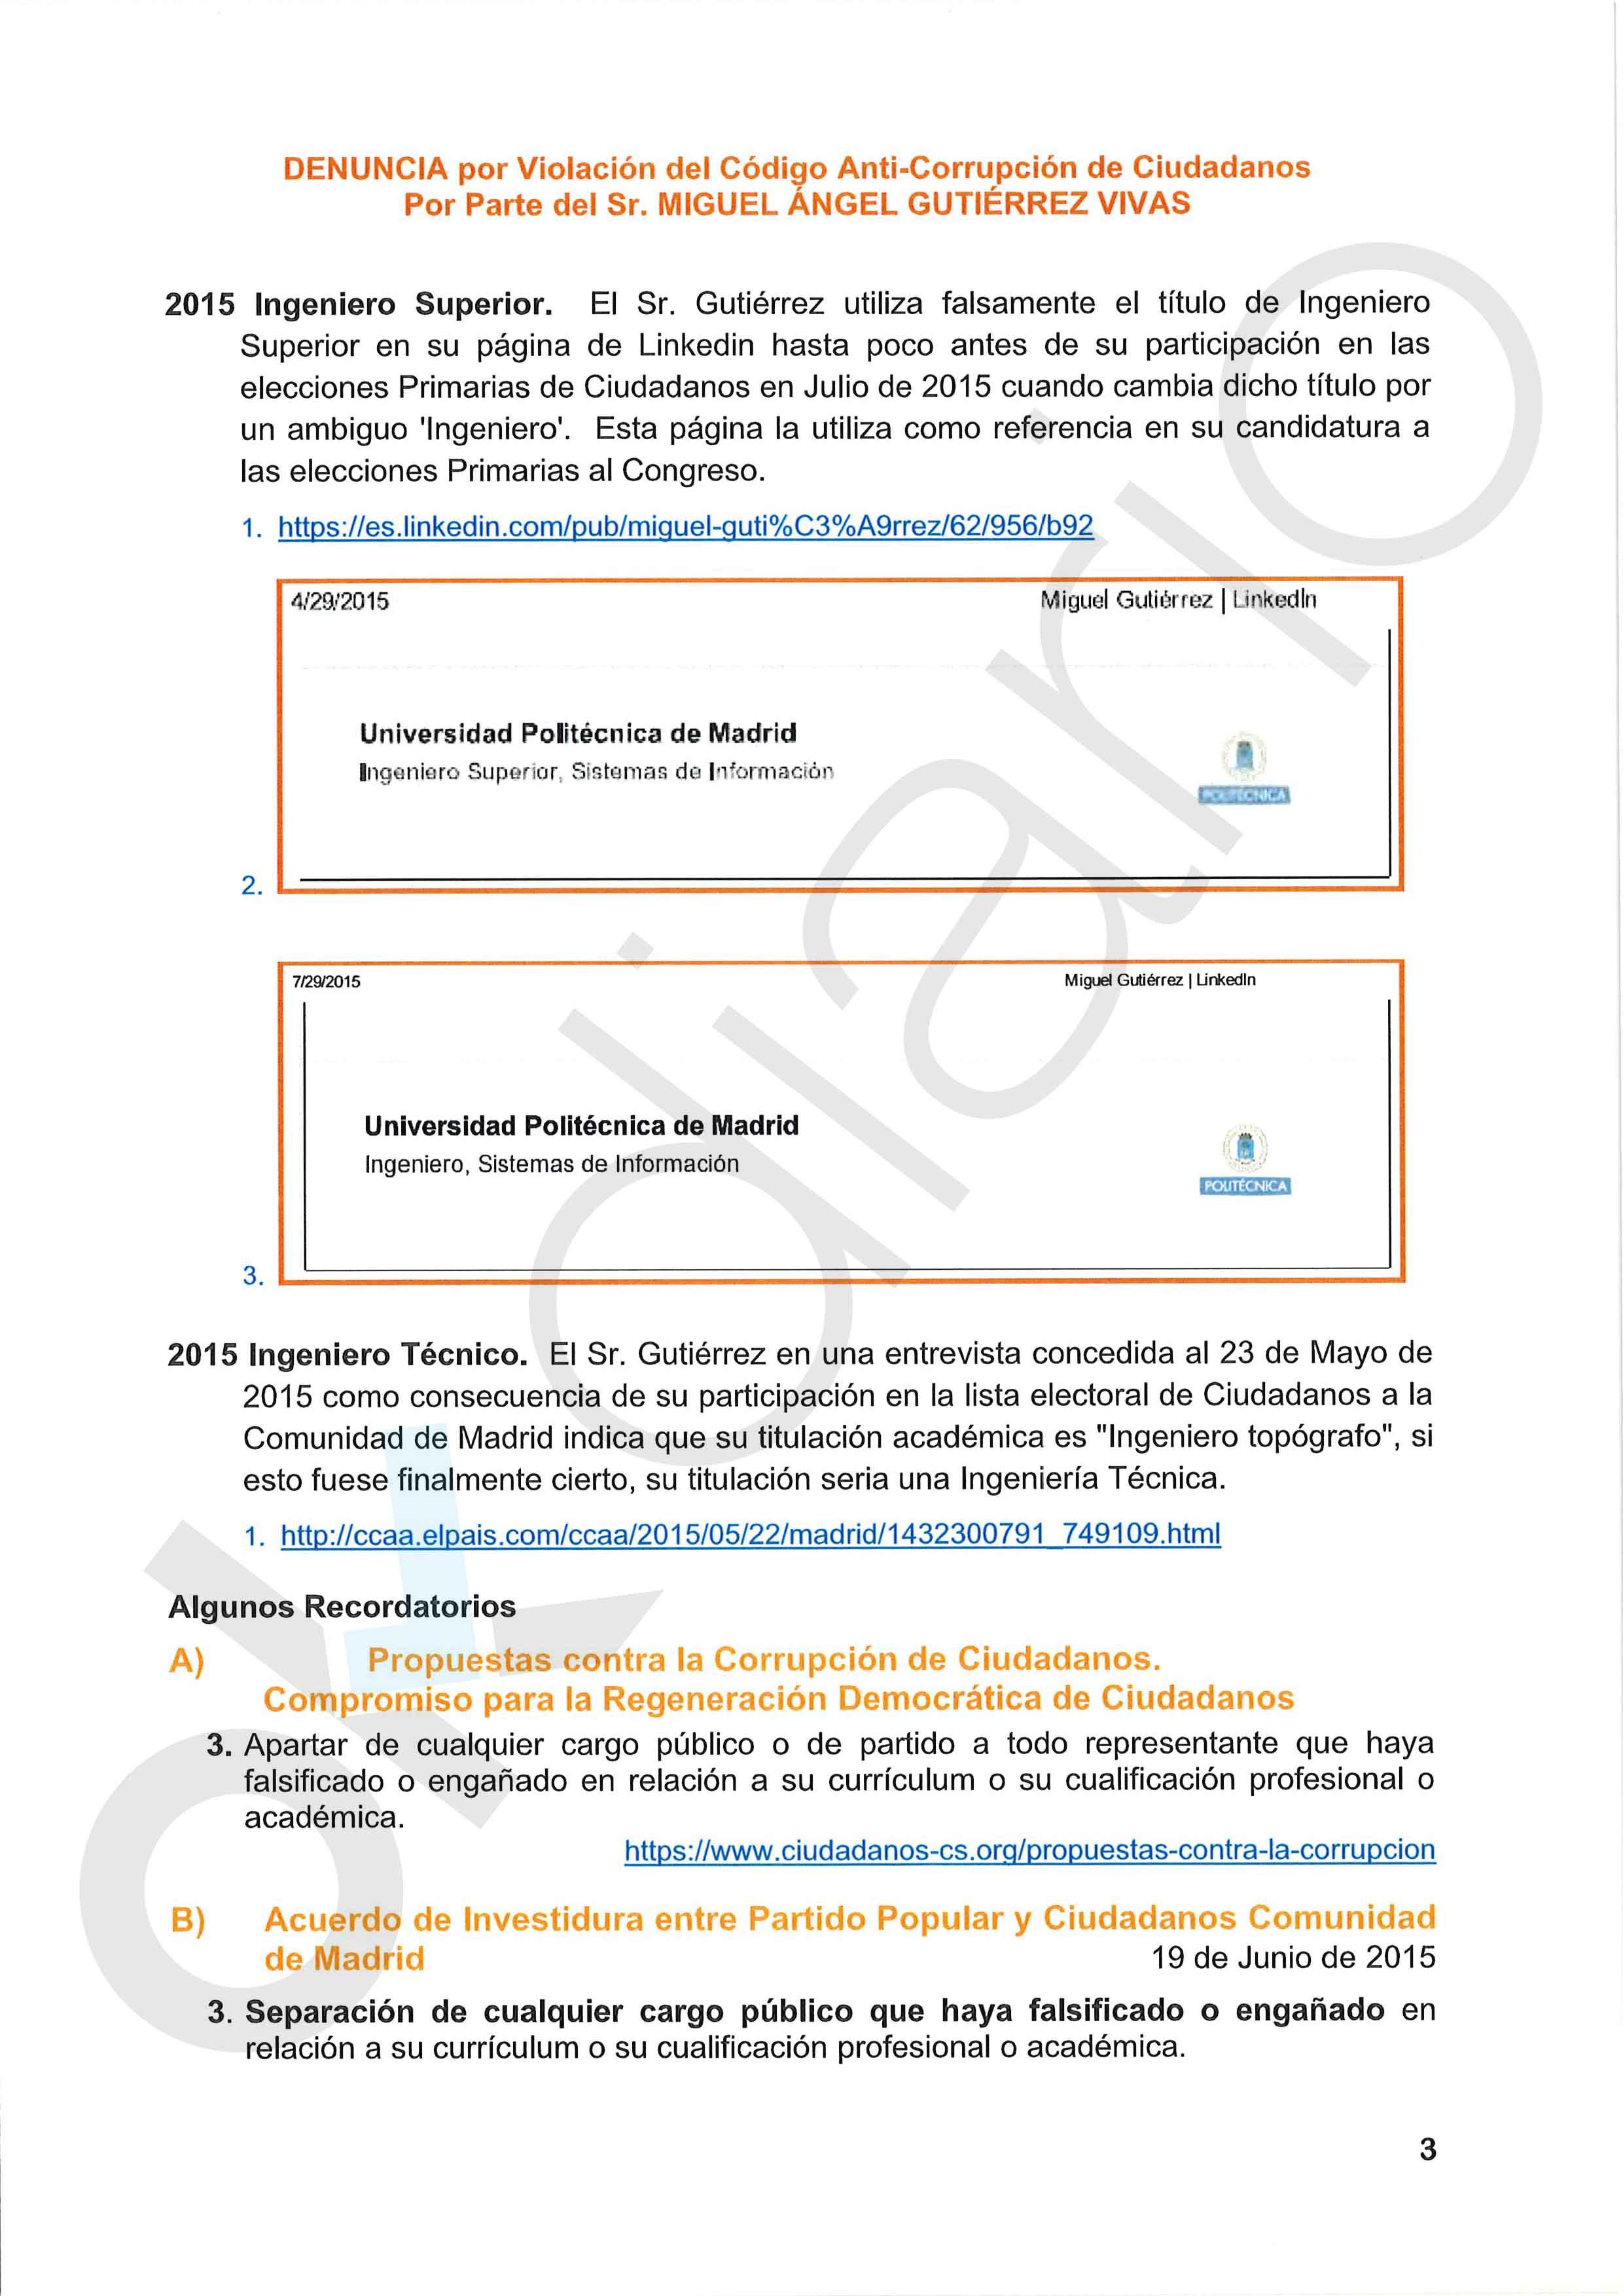 C's frenó una denuncia interna contra Miguel Gutiérrez por falsear su titulación